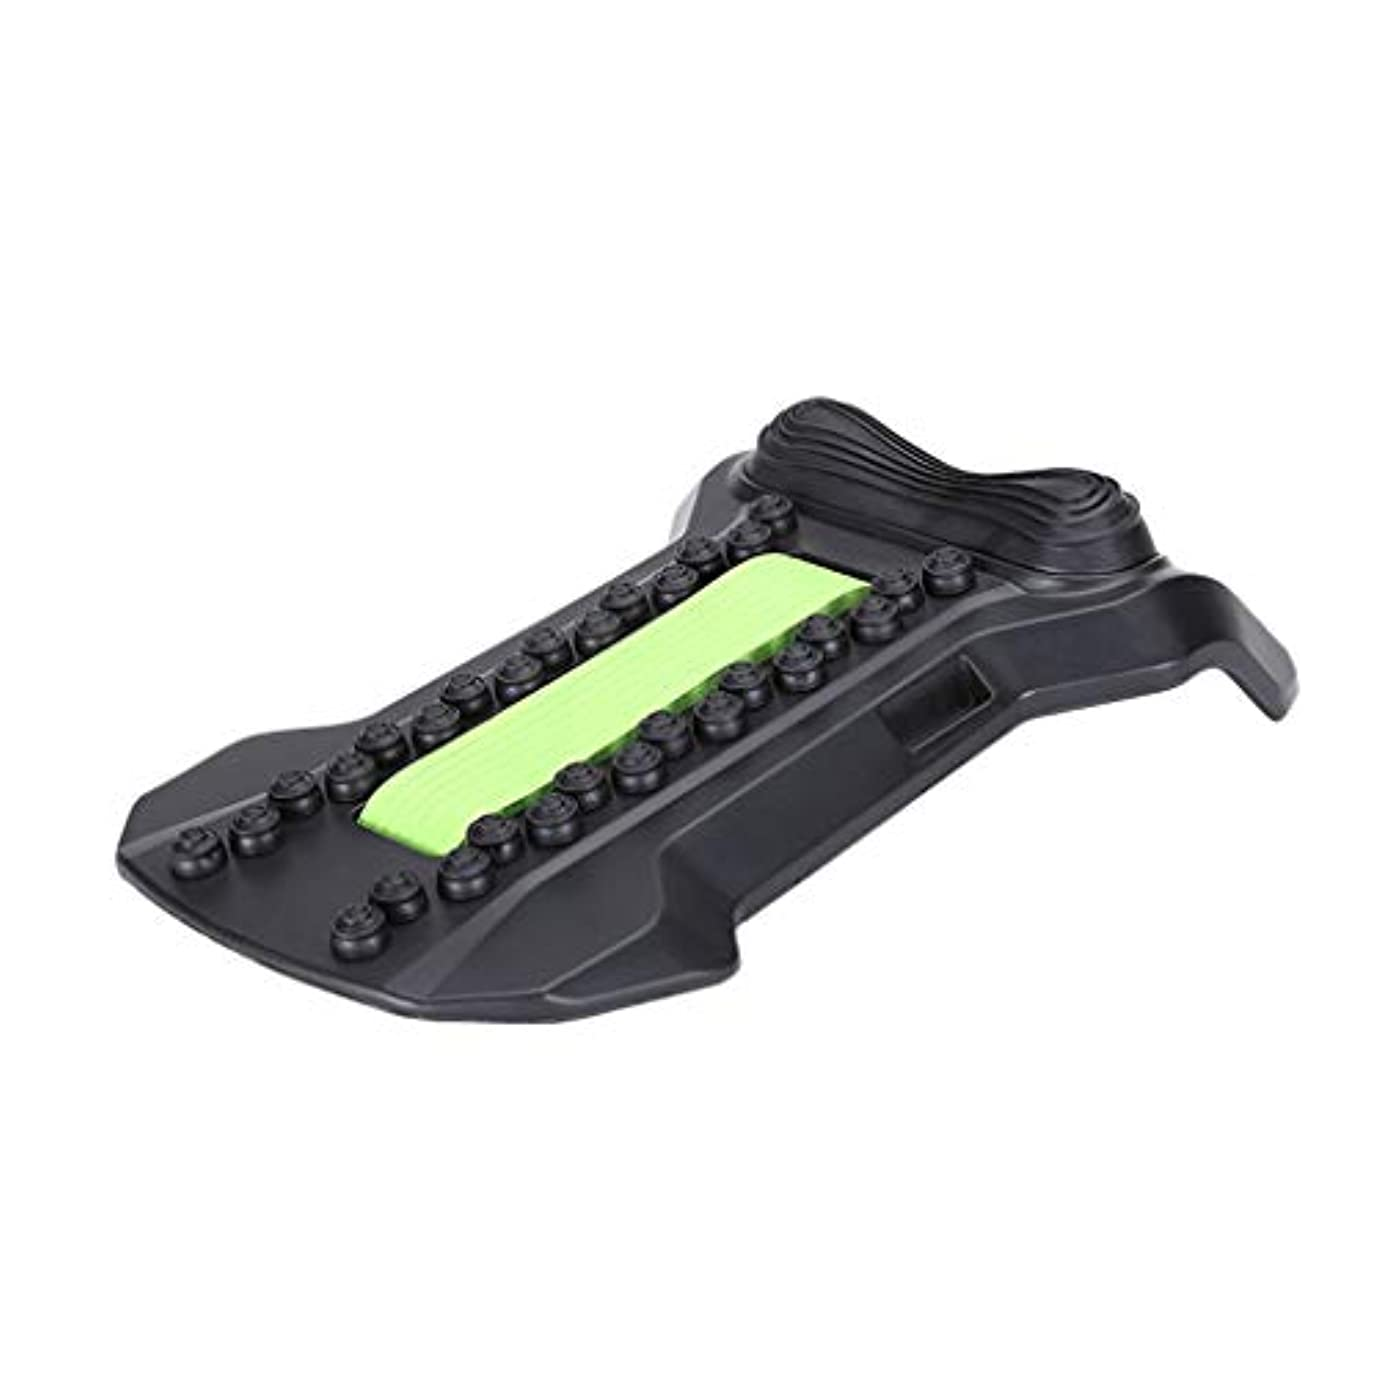 静かなキャンペーン厄介な背部マッサージャーの伸張装置、腰椎サポート弛緩の魔法の伸張器の適性の仲間の脊椎の痛みを和らげるカイロプラクター,Green